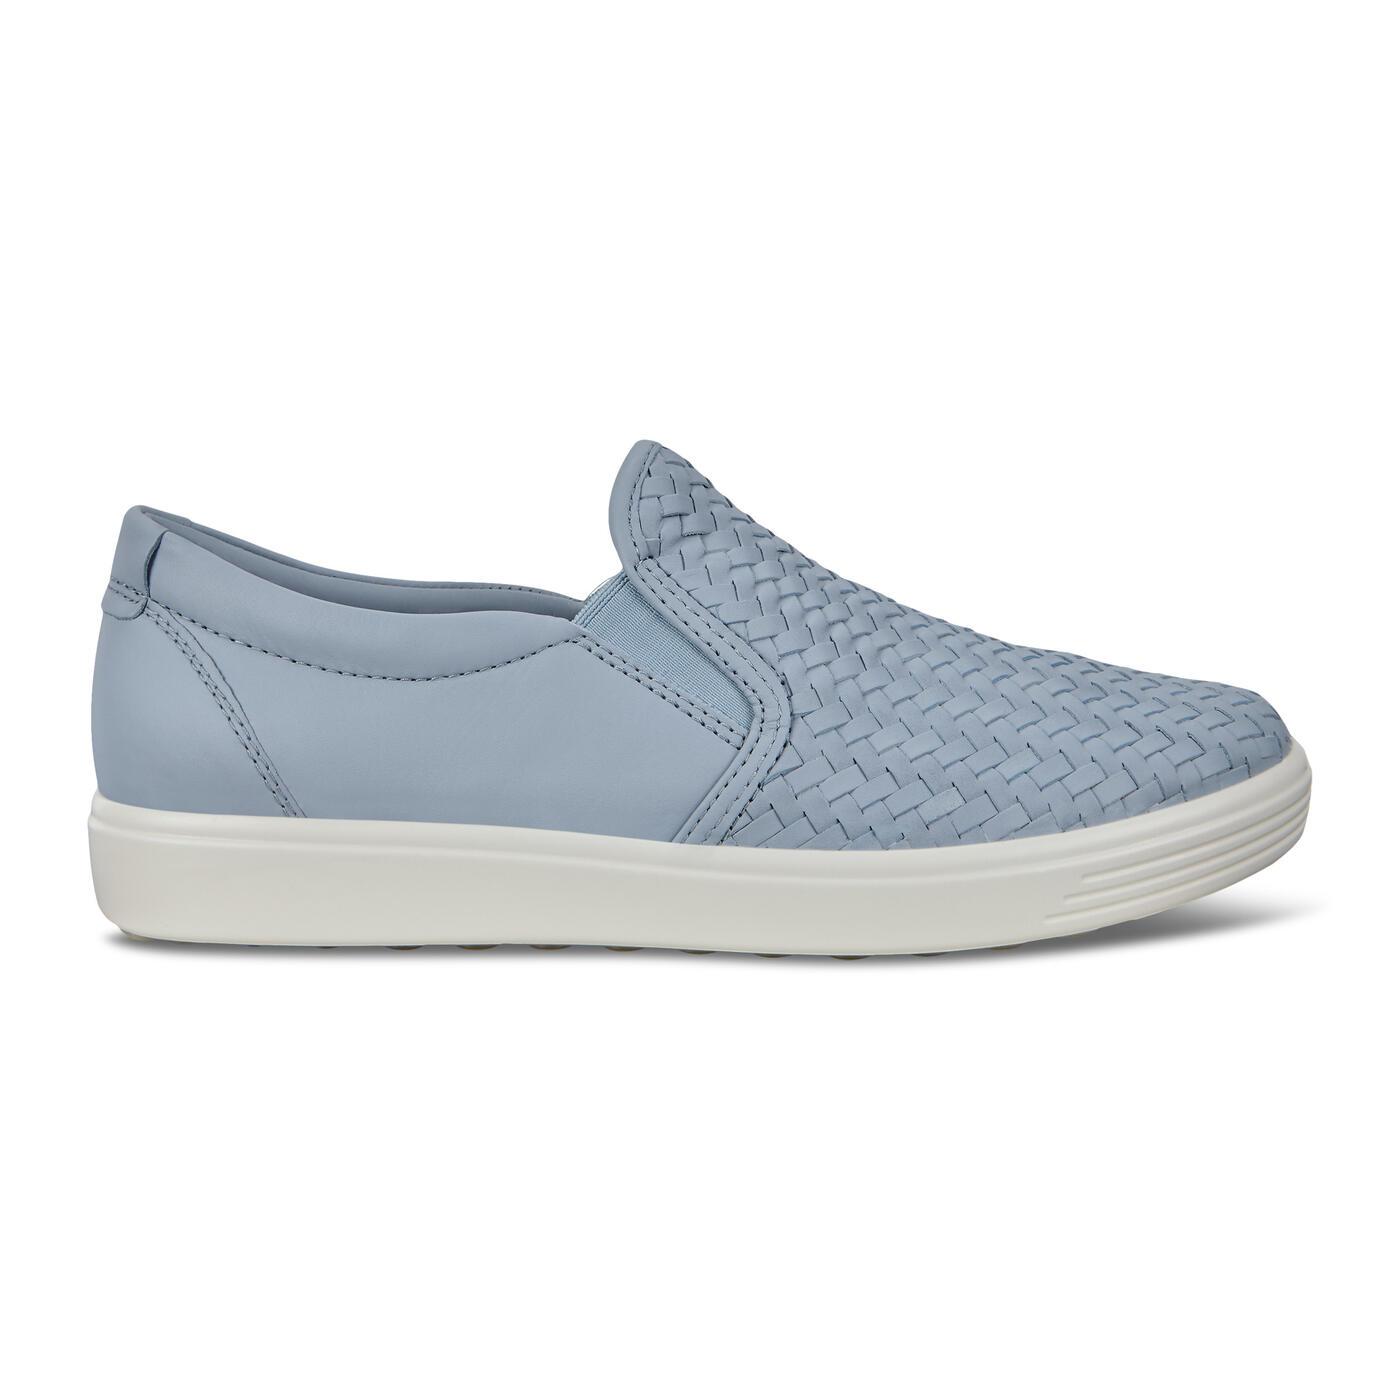 Chaussure ECCO Soft 7 à enfiler pour femmes